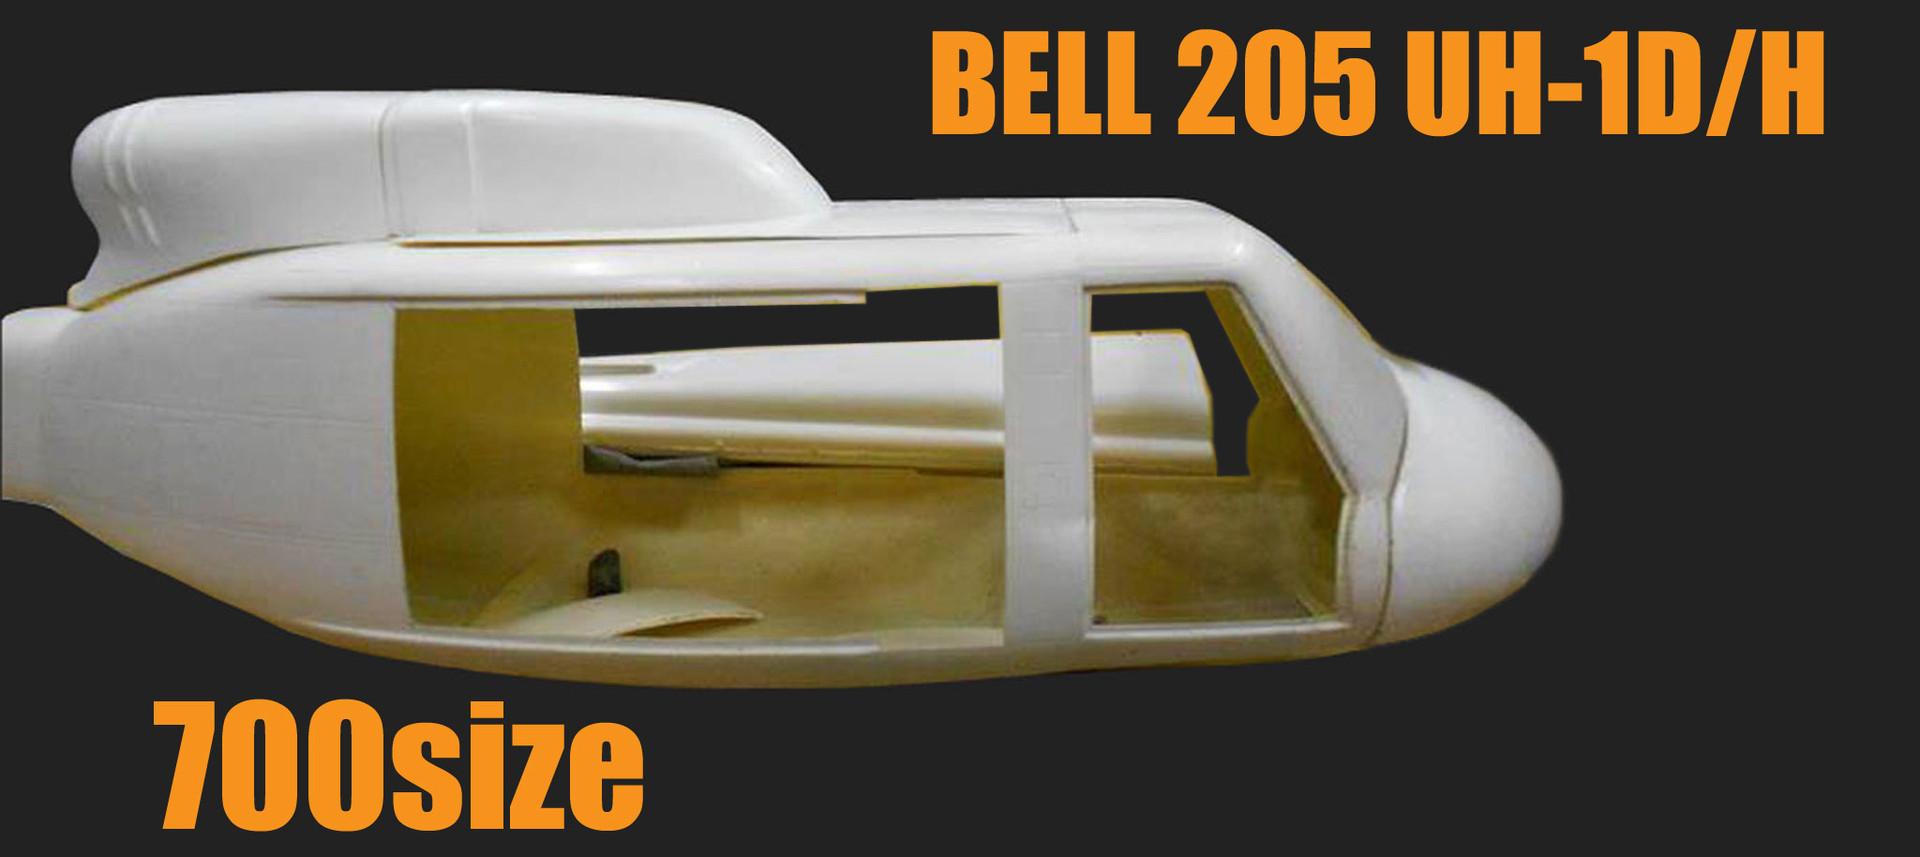 BellUH-1D-H-700size.jpg